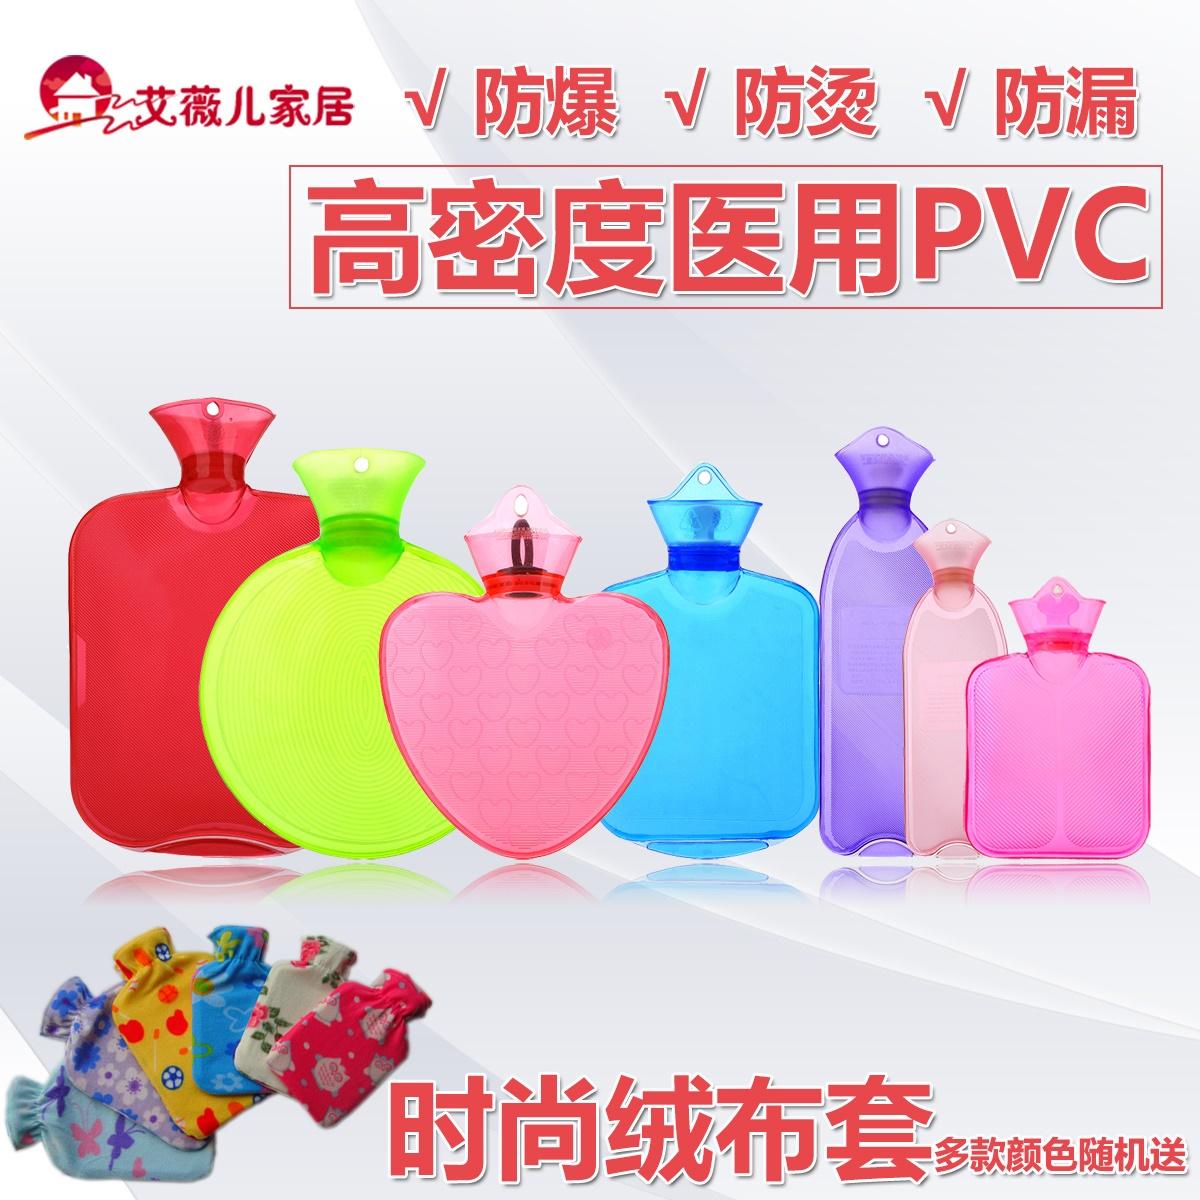 Бесплатная доставка высокой плотности PVC порыв вода грелка не- резина заряжать вода теплый гидратация взрывозащищенный герметичный отправить фланель крышка